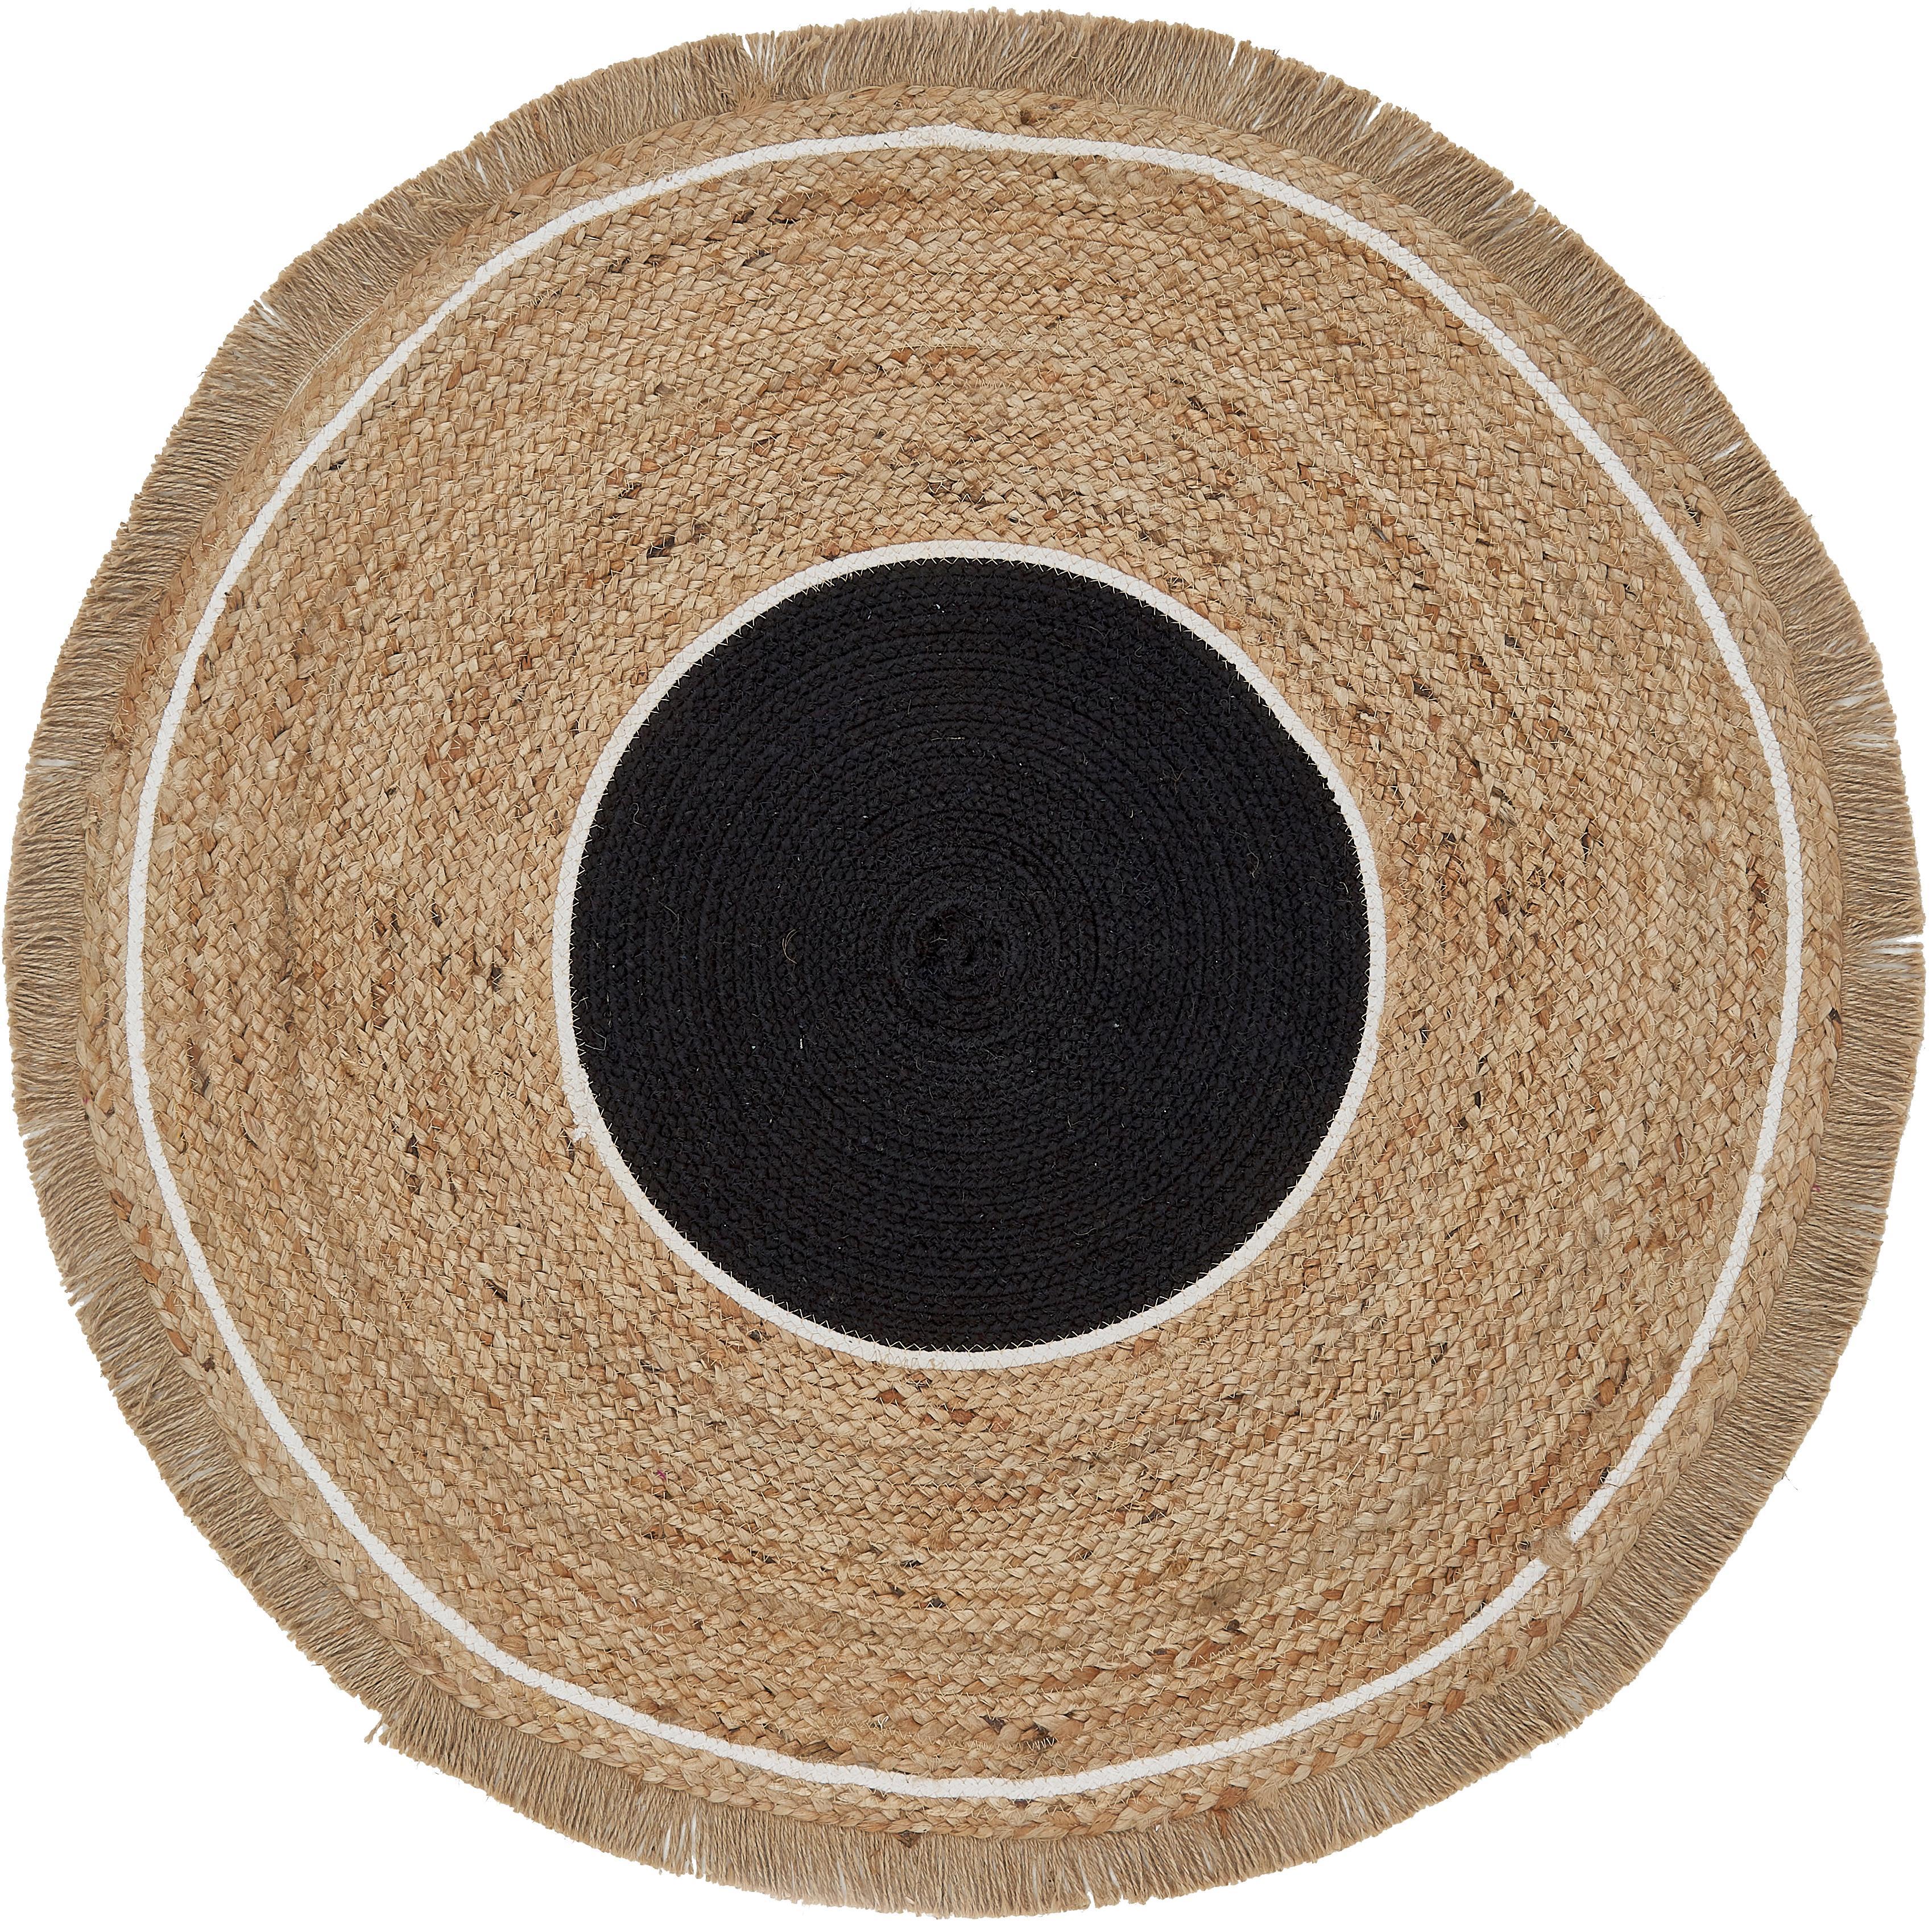 Okrągły dywan z juty z frędzlami Boham, Juta, bawełna, Juta, czarny, biały, Ø 100 cm (Rozmiar XS)